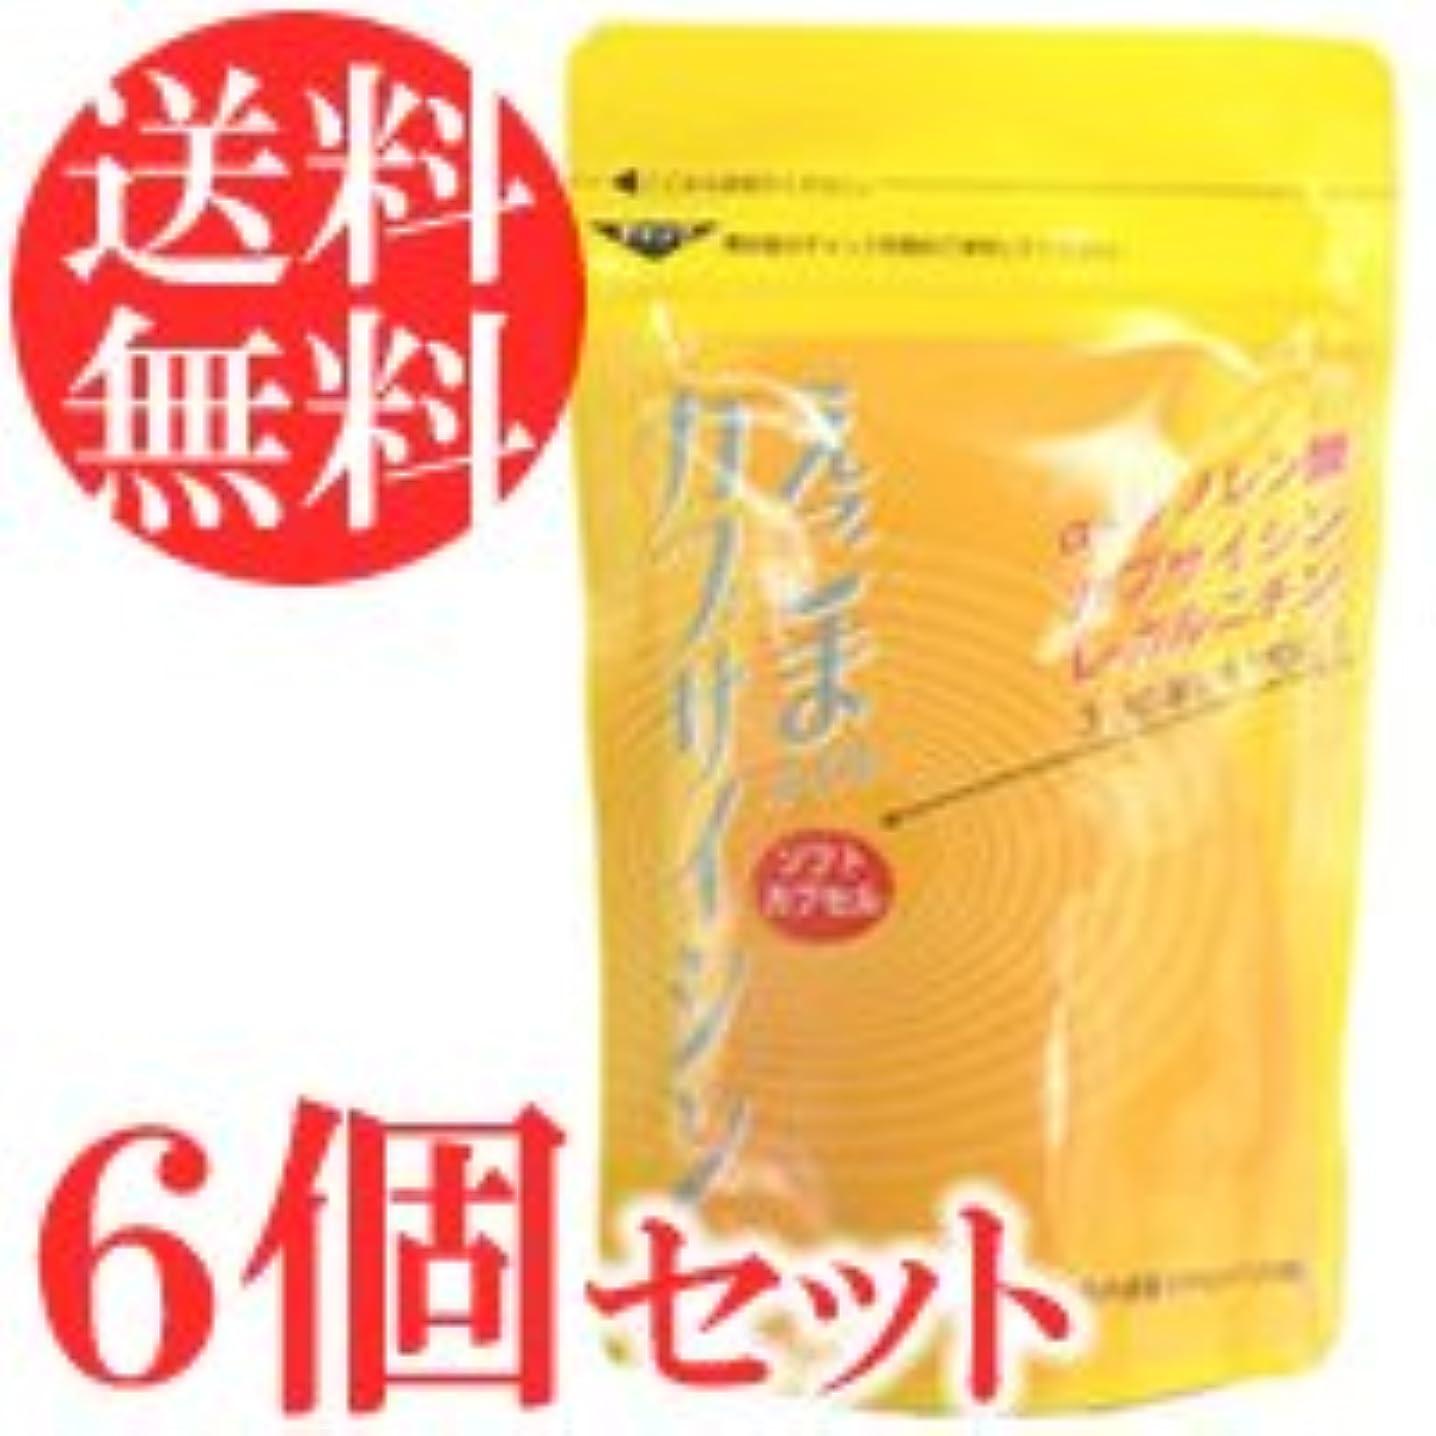 汚染刃技術的なえごまオイル カプサイシン 120粒×6袋セット(ソフトカプセル)